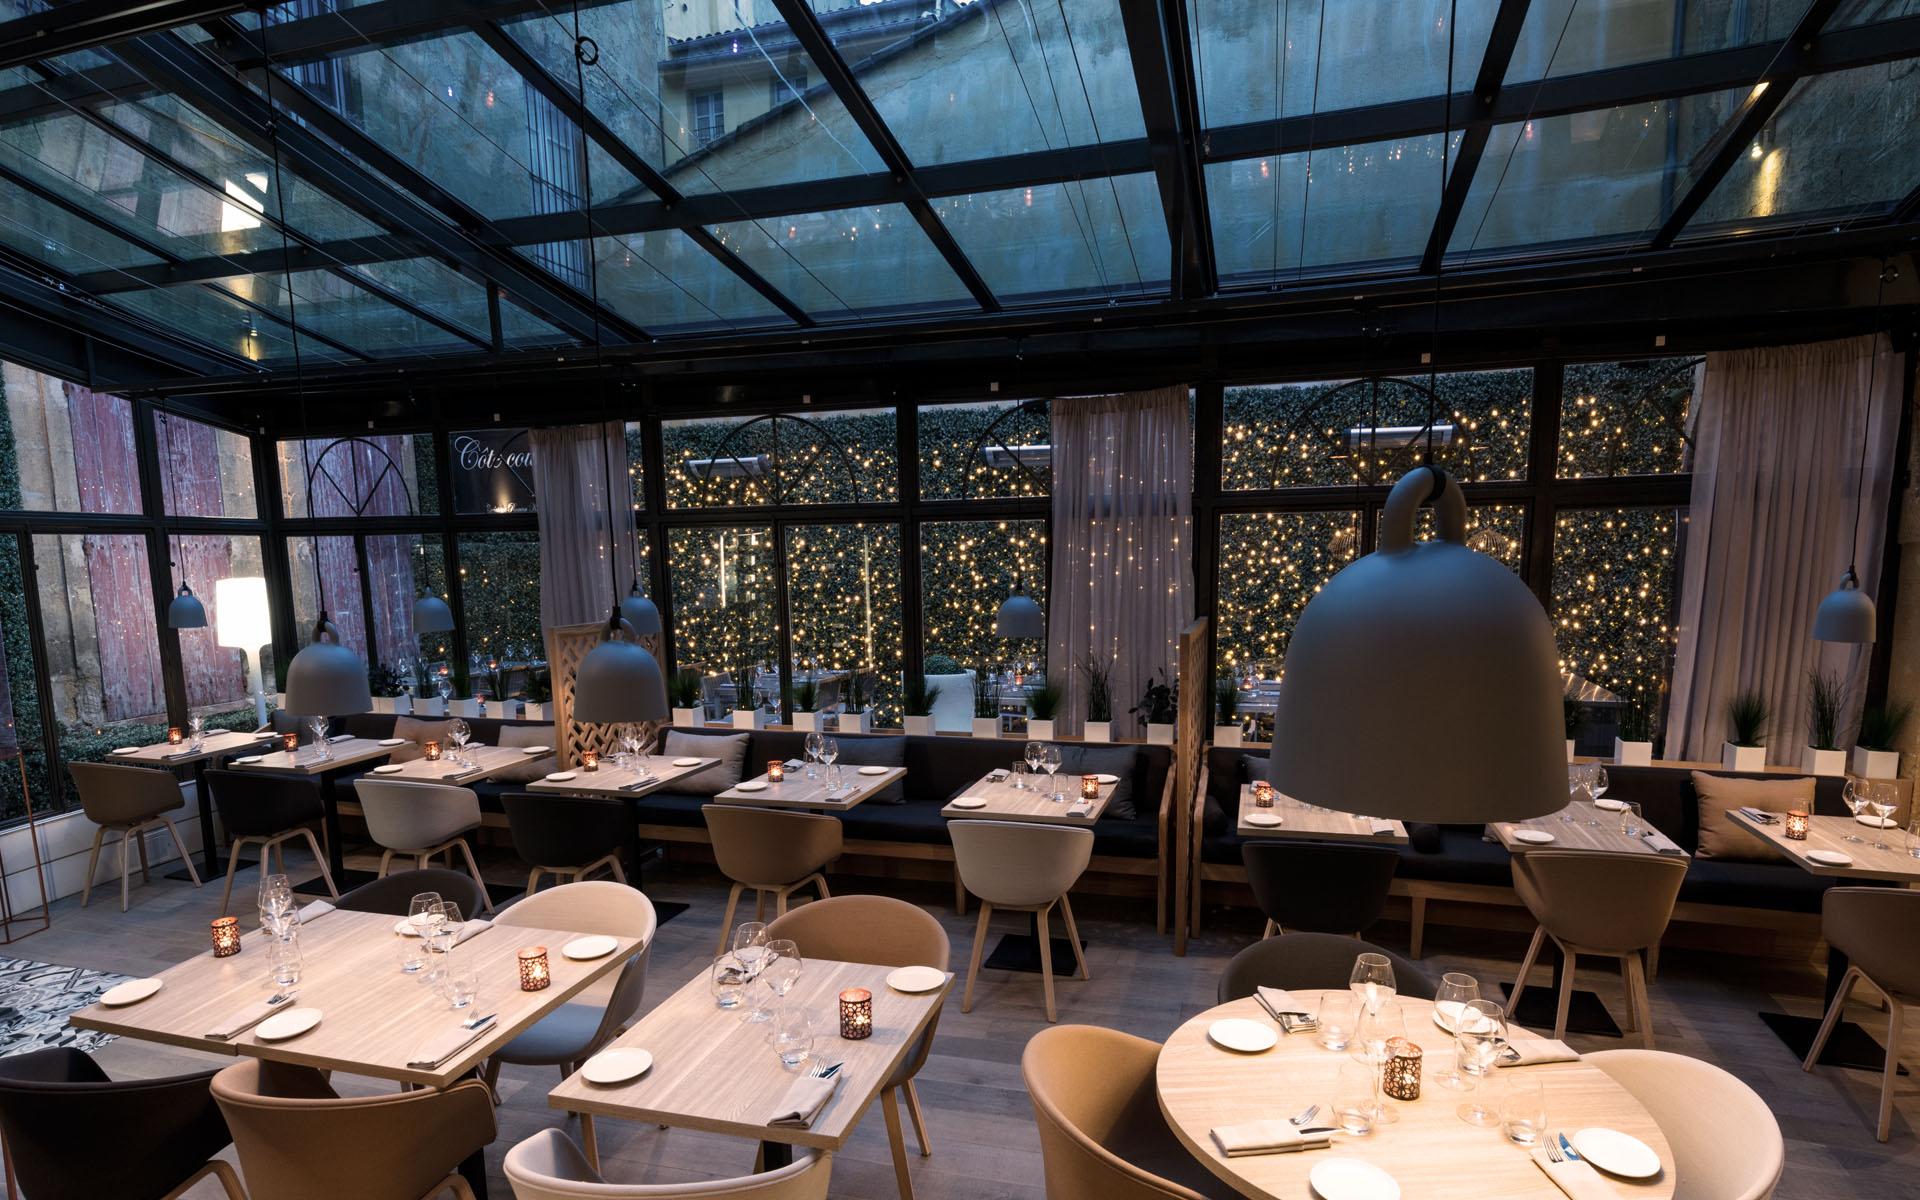 intérieur du restaurant coté cour à aix en provence 8